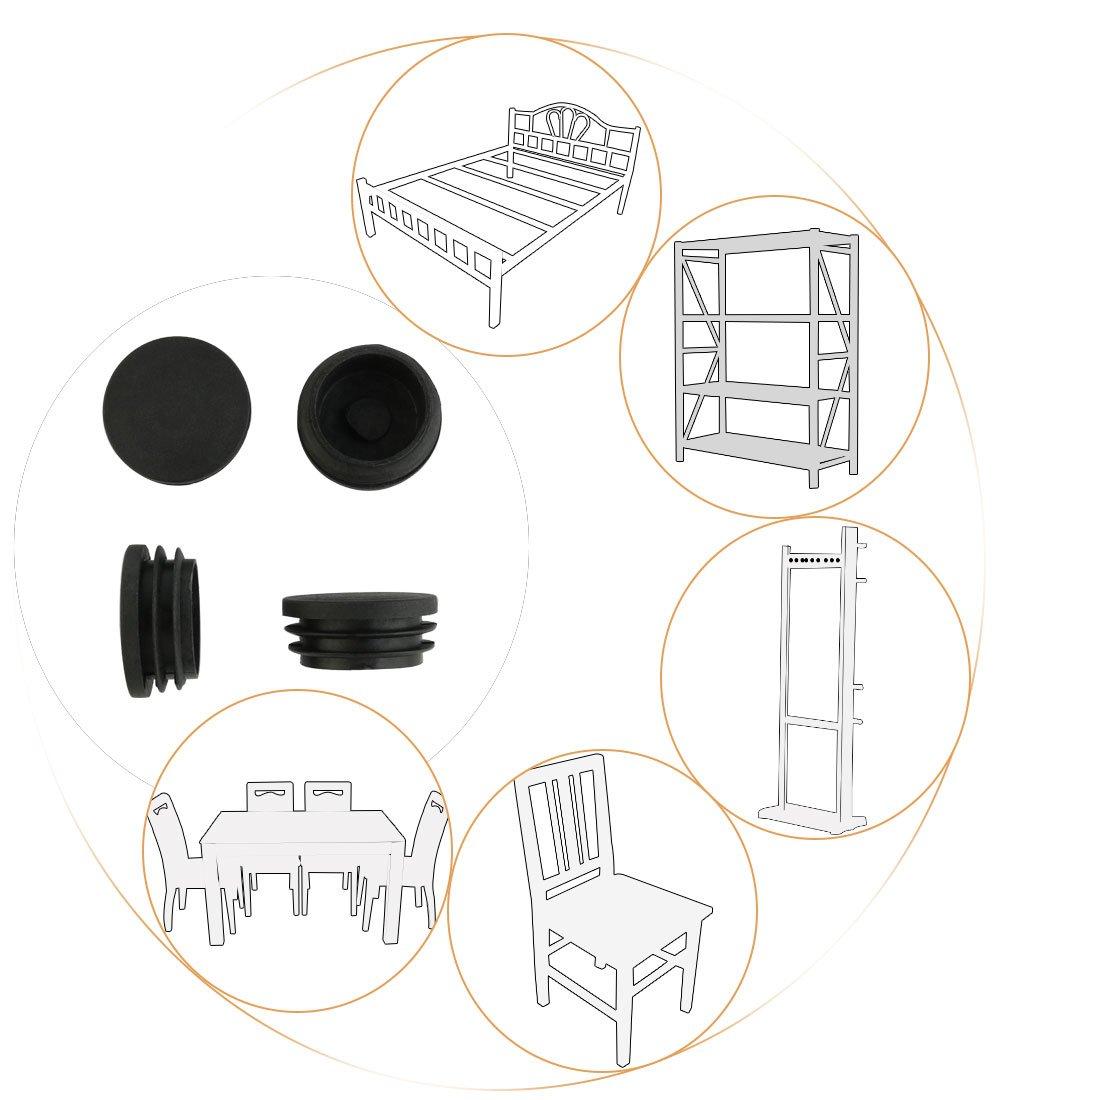 sourcingmap/® 2 Pi/èces 38 mm de diam/ètre en plastique ronde Embout Patin Pied de Meuble Chaise Table Tube pour tuyaux